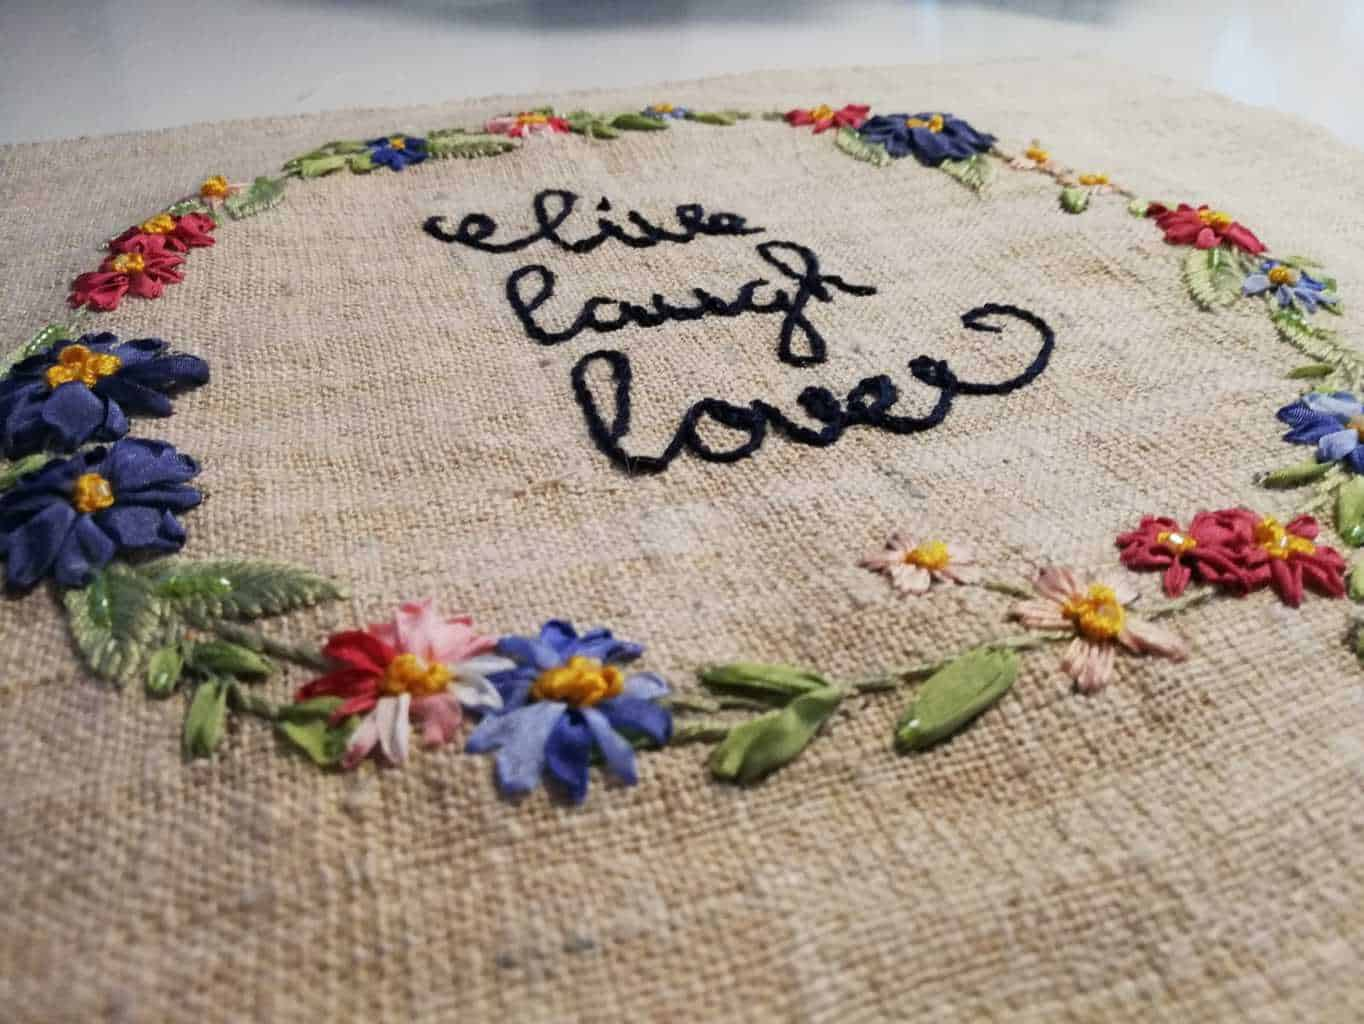 Bloemenkrans zijdelint borduren-1